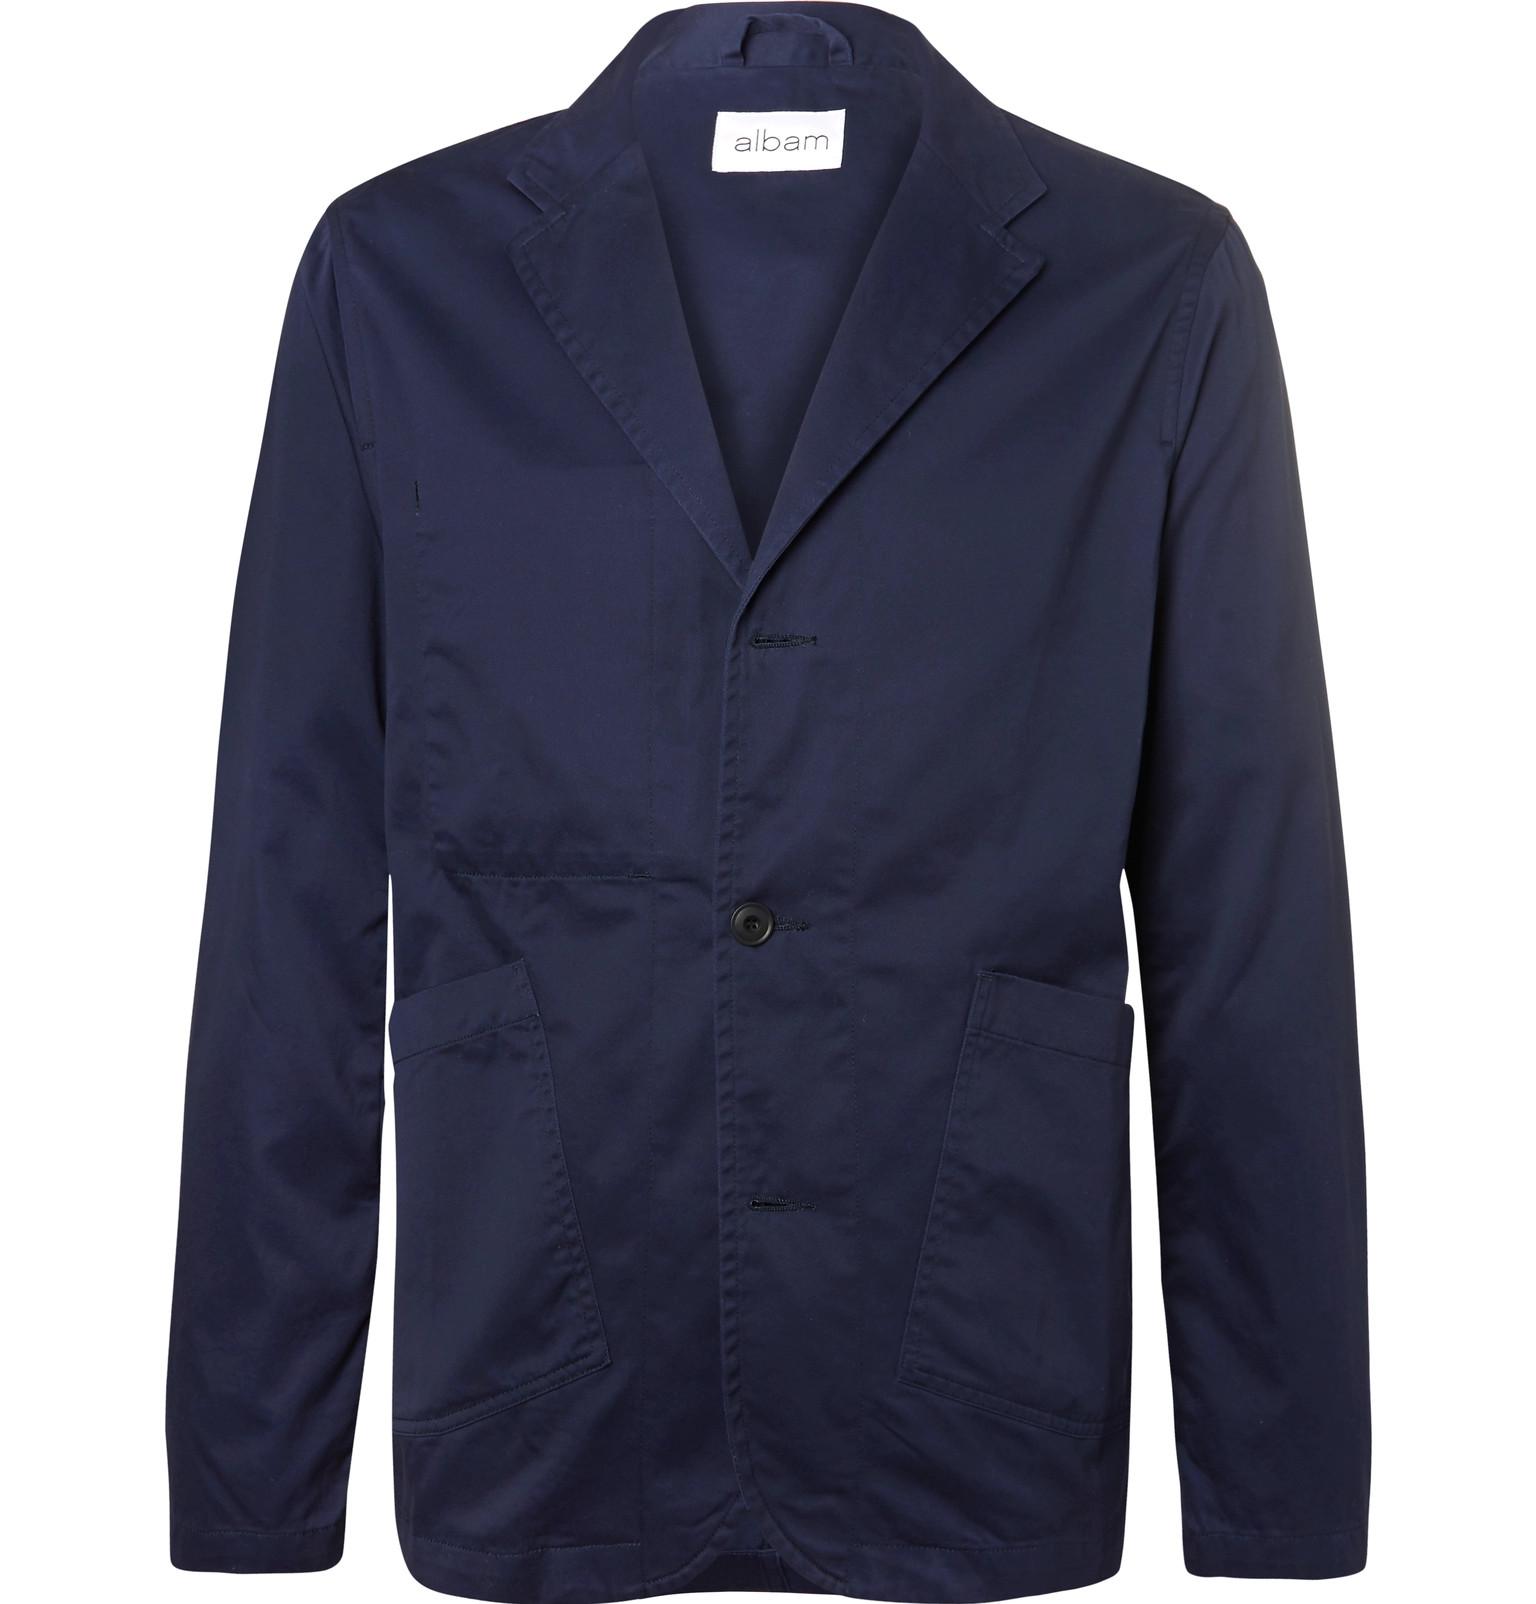 Men's Designer Blazers - Shop Men's Fashion Online at MR PORTER